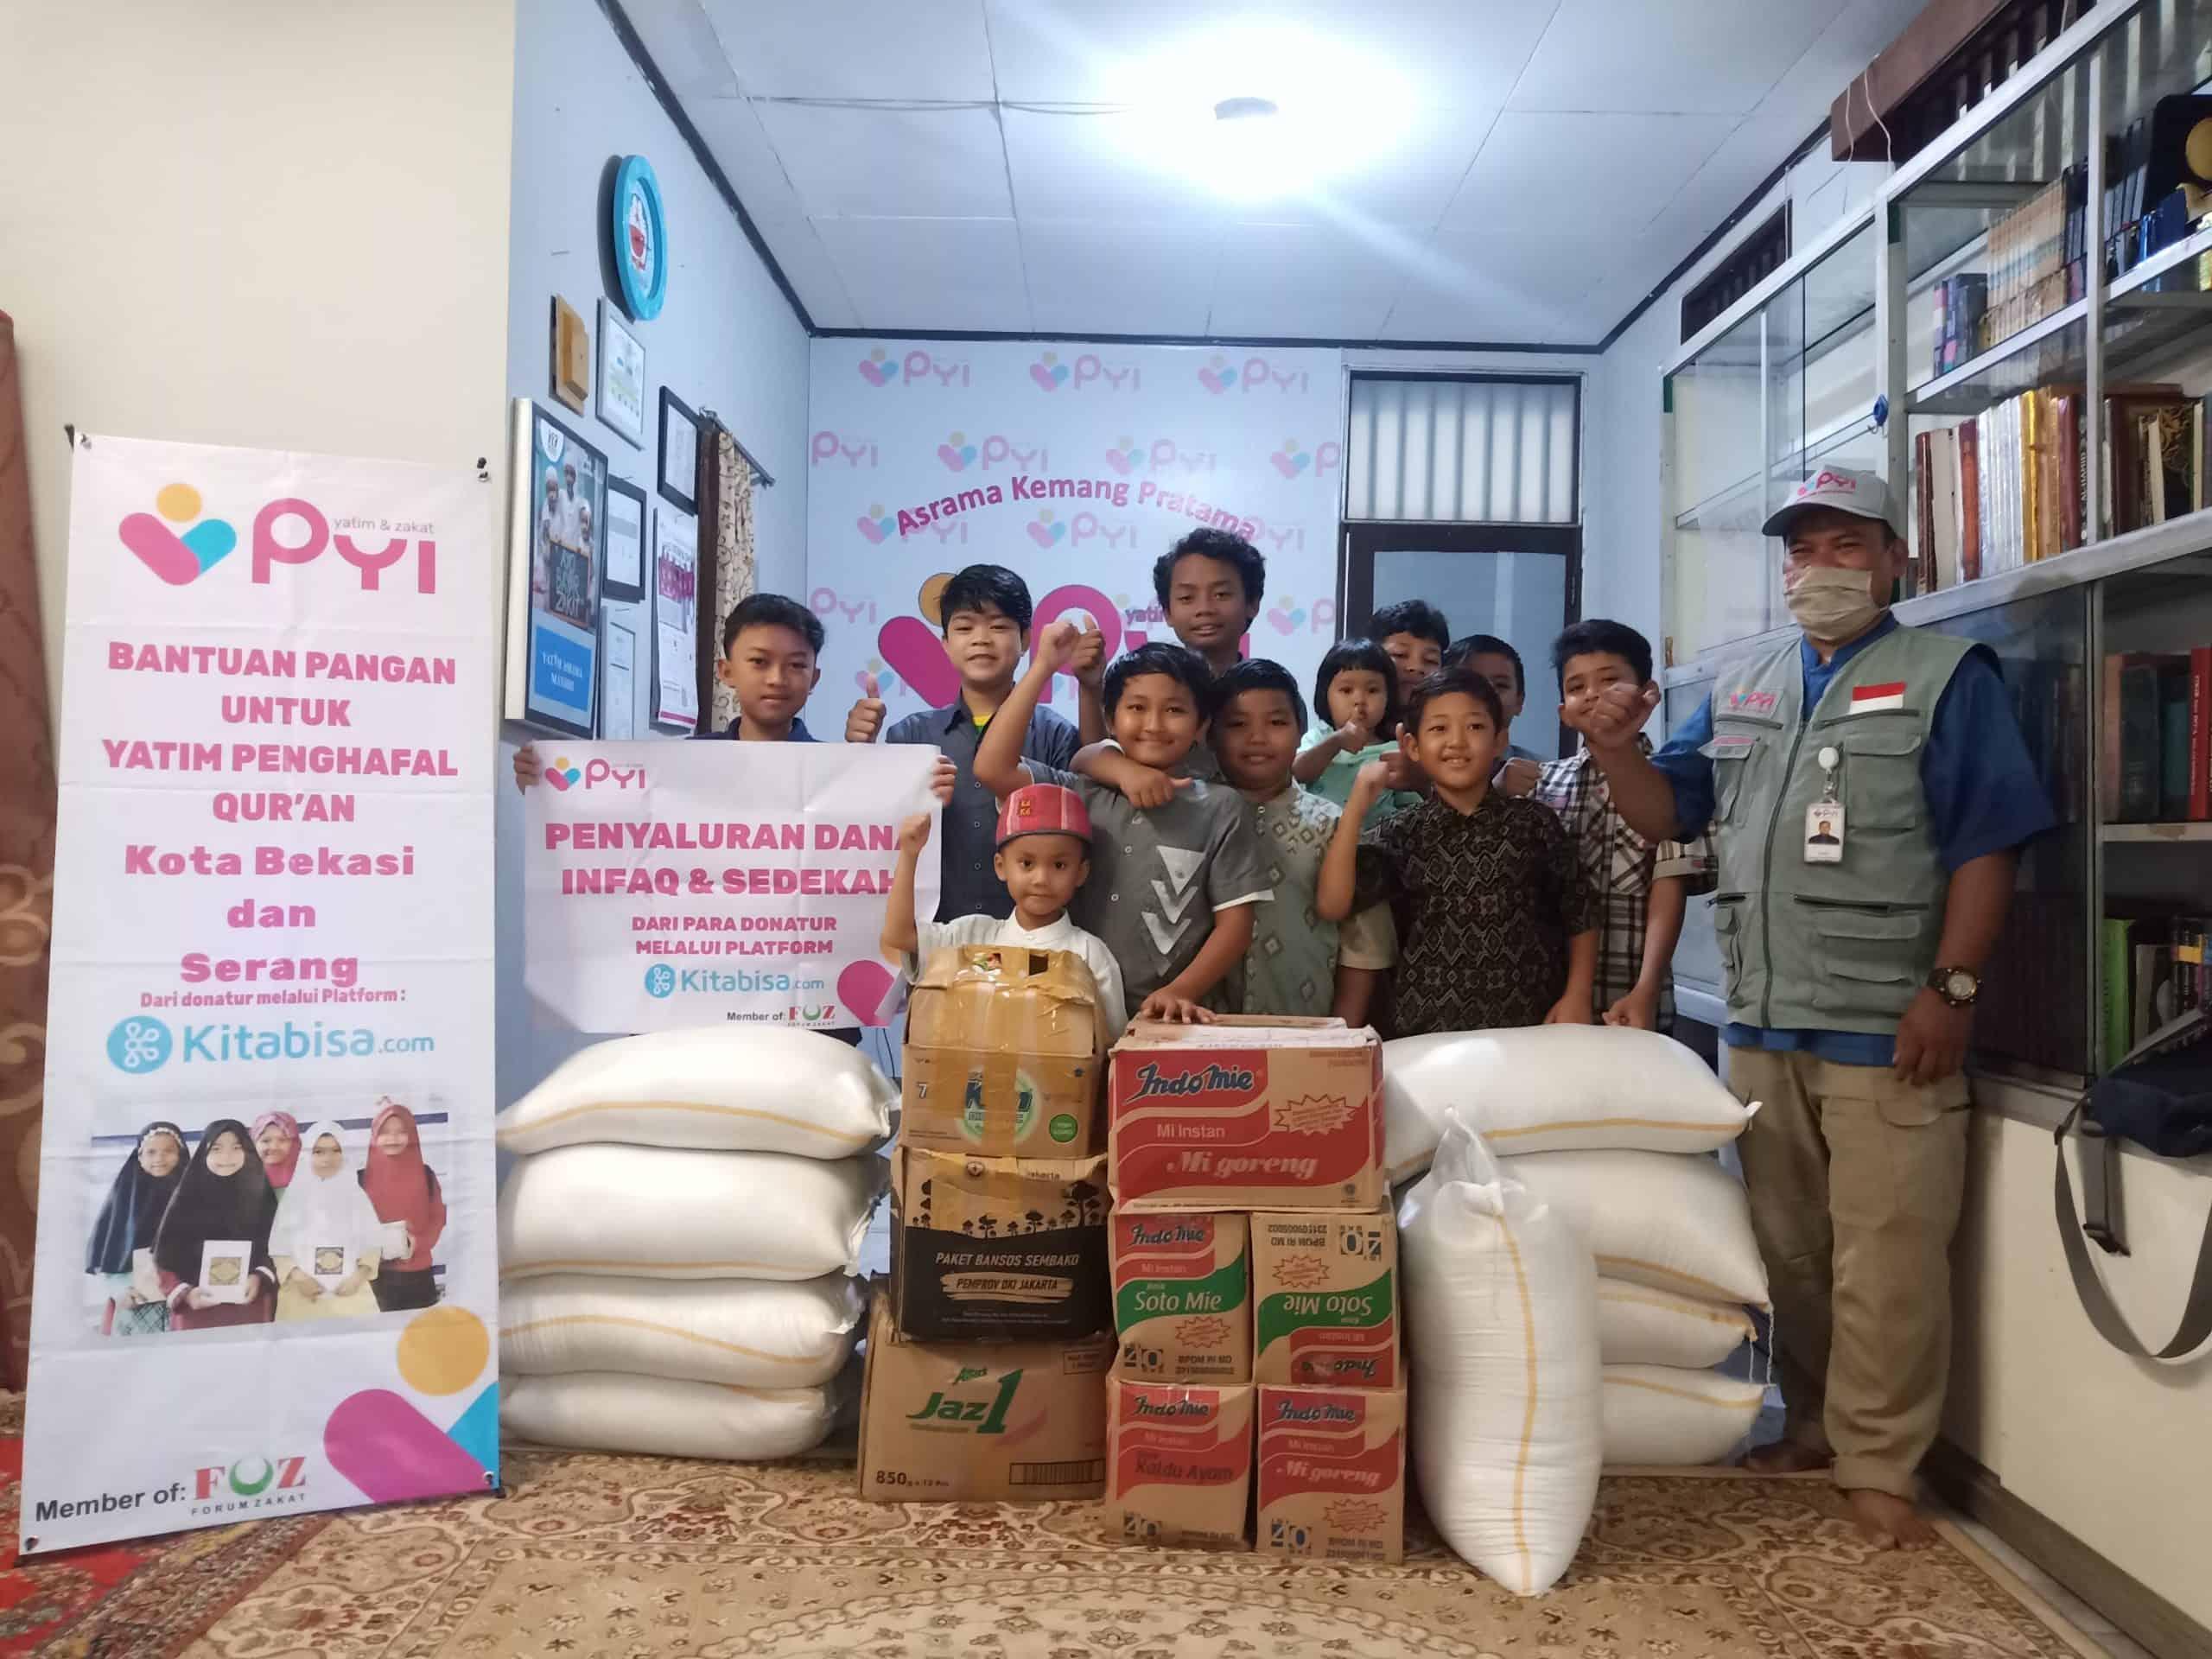 Bantuan pangan yatim